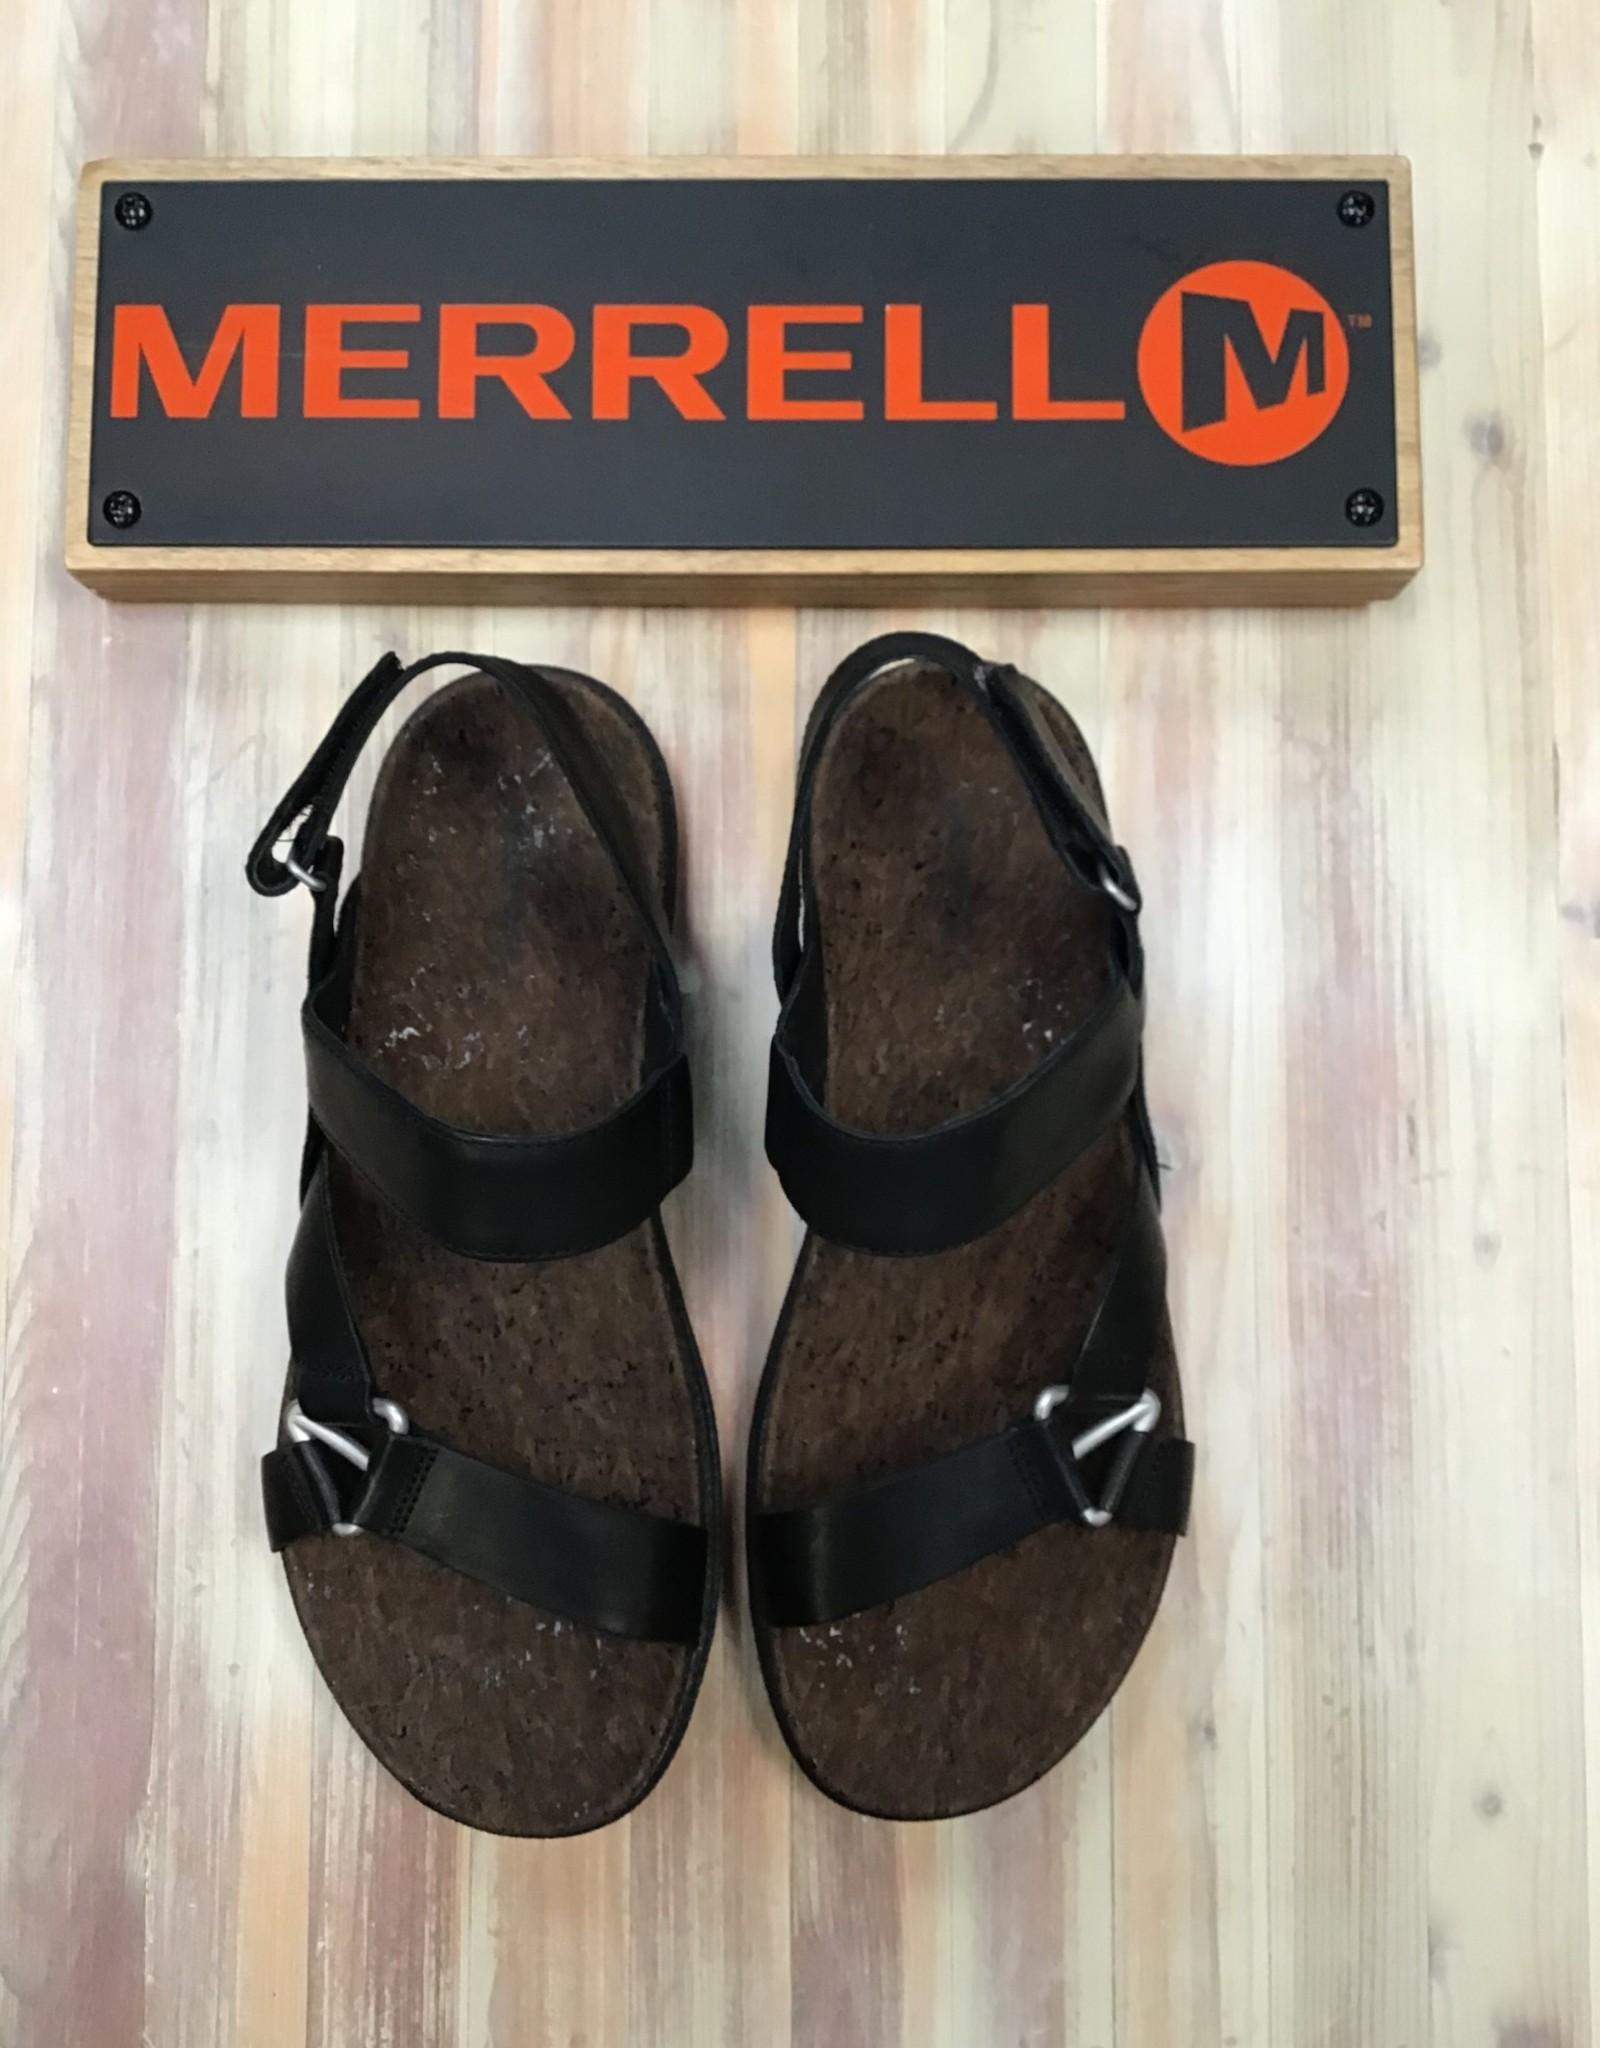 Merrell Merrell Around Town Chey Backstrap Ladies'